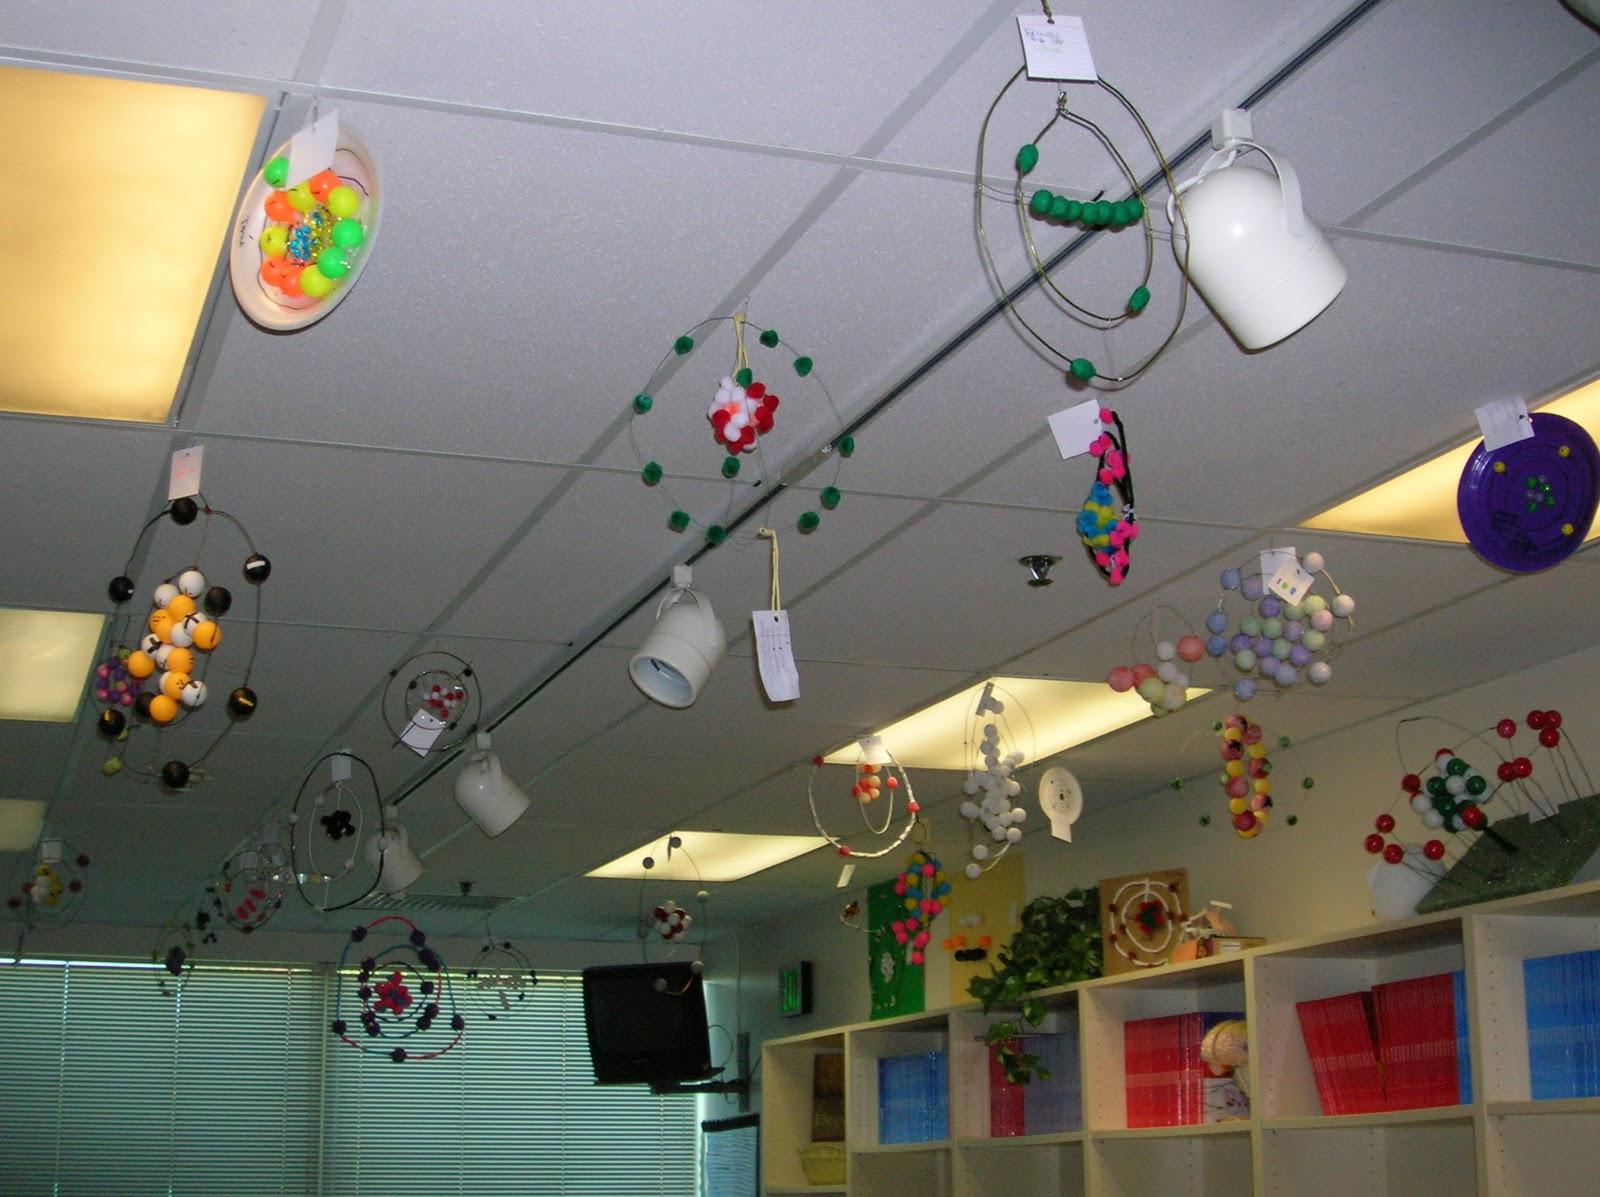 http://4.bp.blogspot.com/_C_qEjT2TC3k/TLc1naa-buI/AAAAAAAAAHI/WGEhqza0tl8/s1600/ceiling%20model%202.jpg